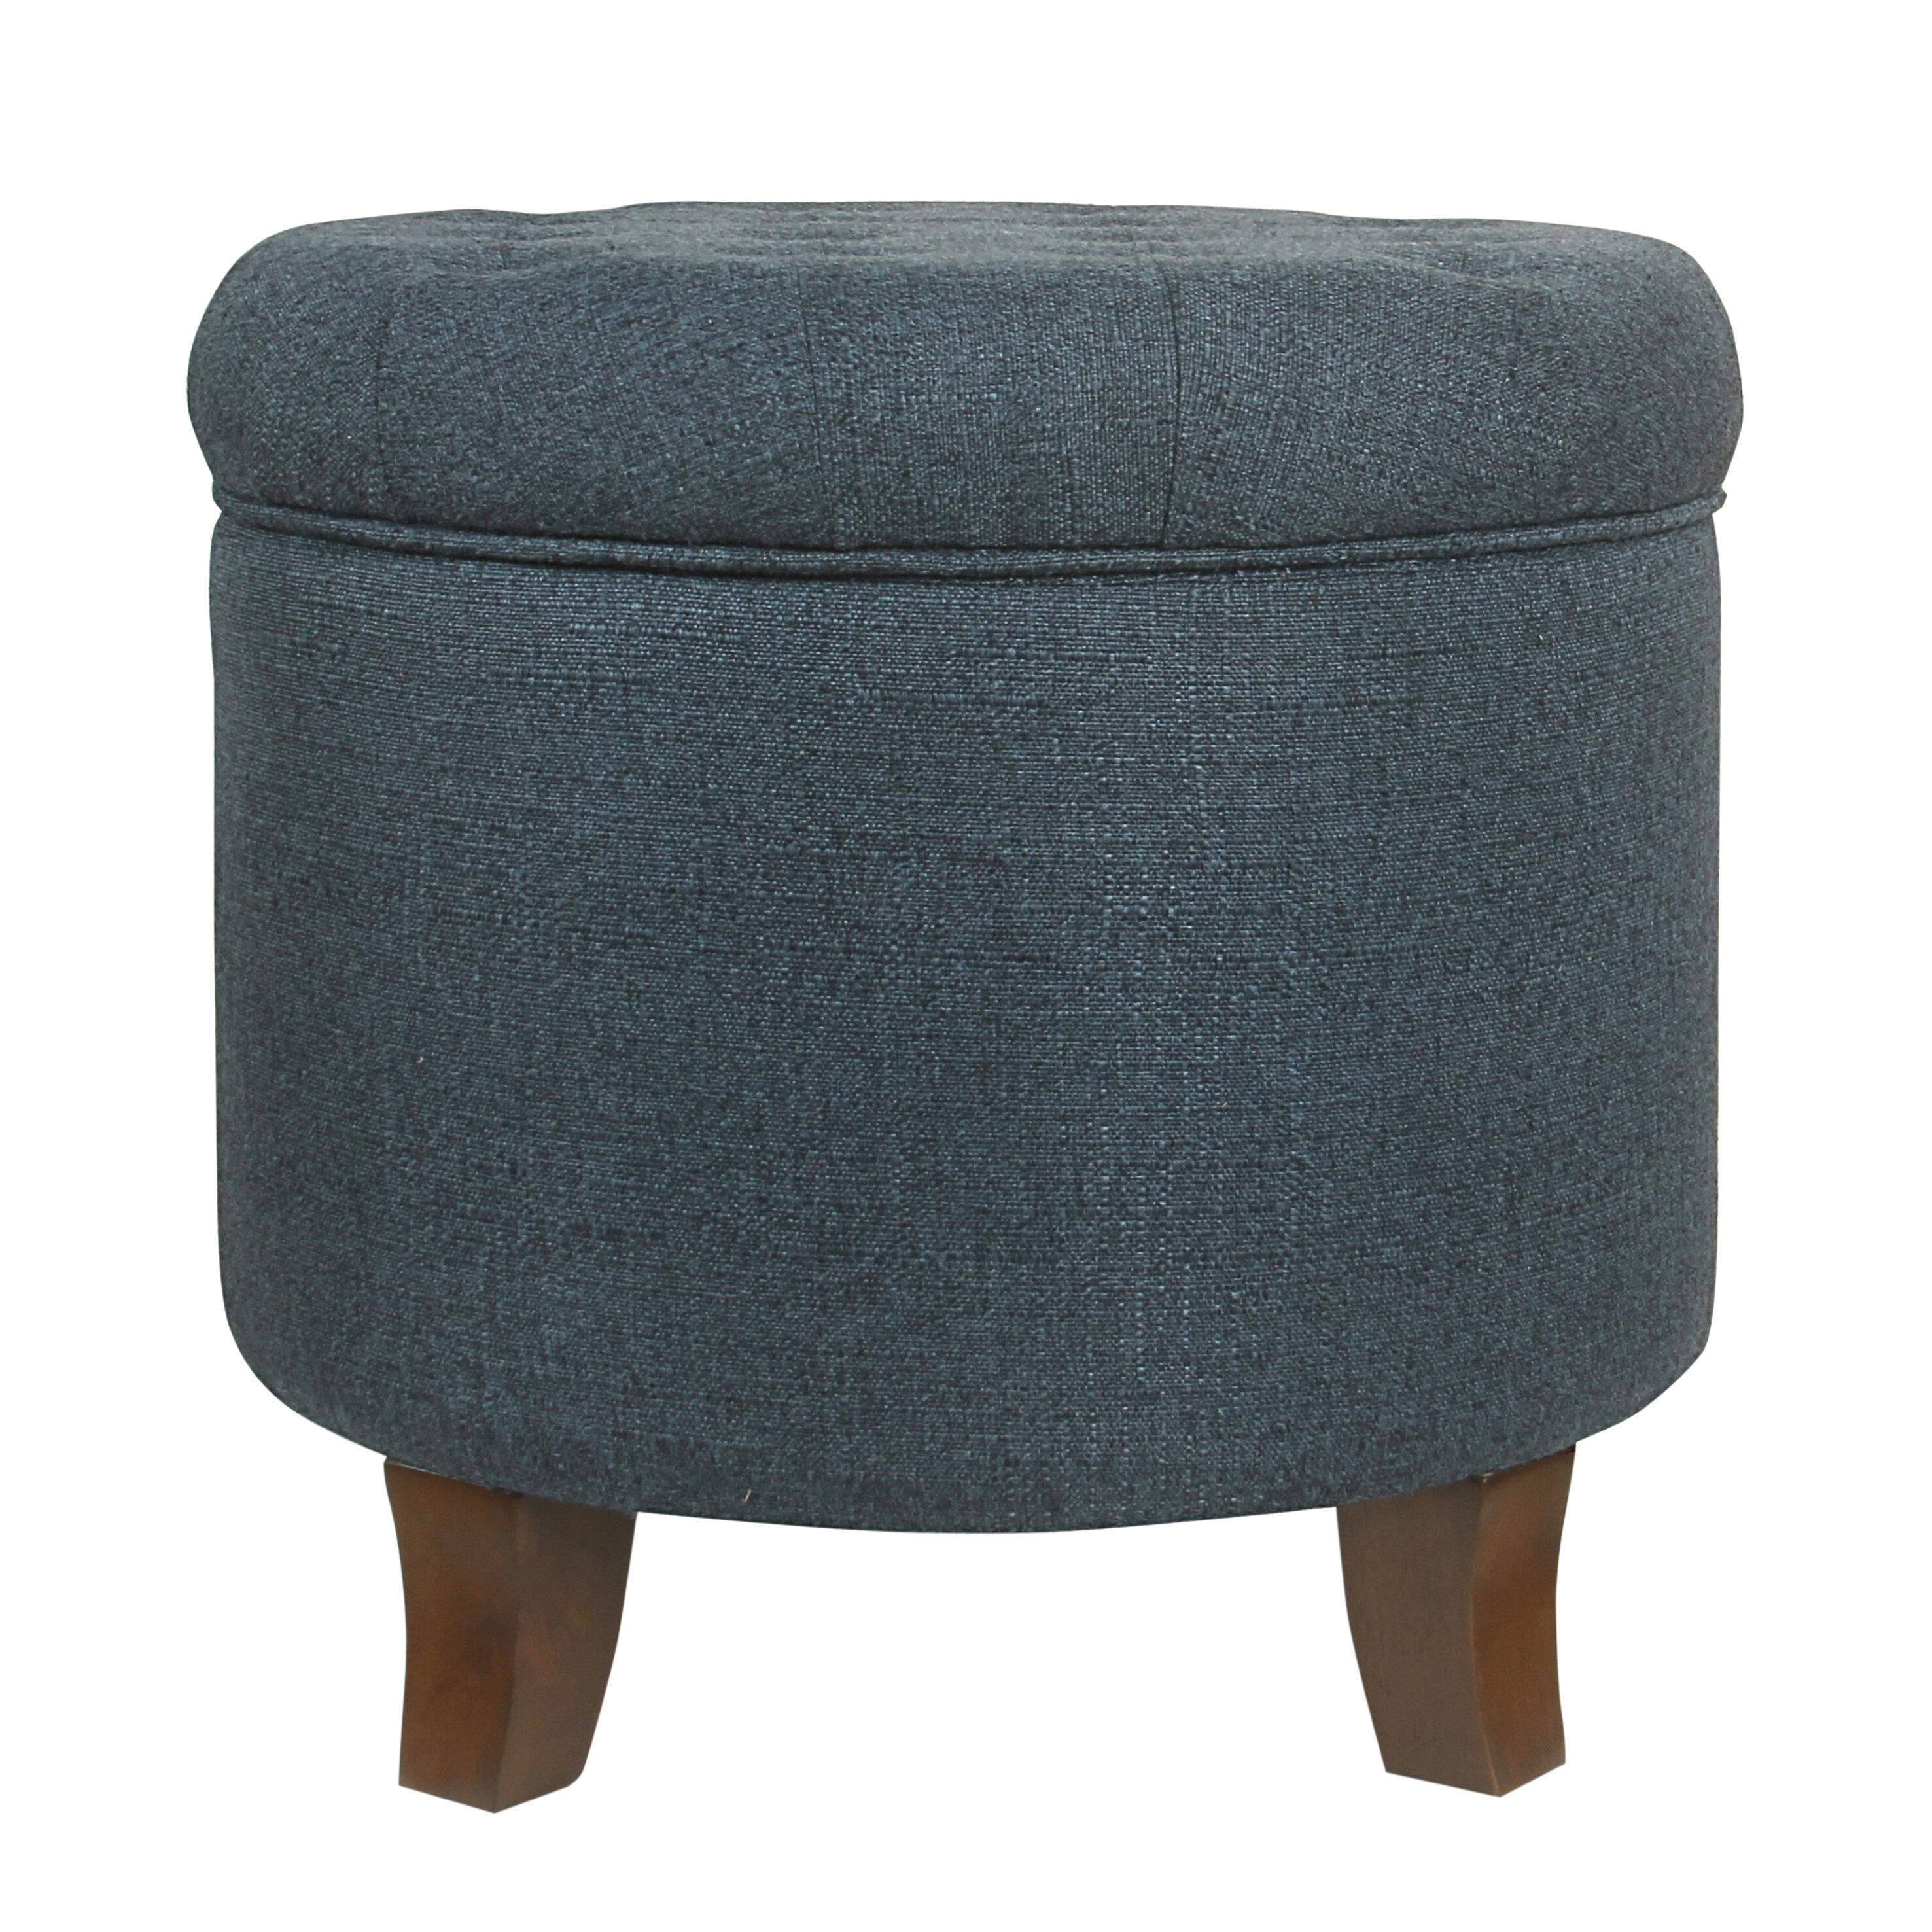 Brilliant Poston Tufted Storage Ottoman Short Links Chair Design For Home Short Linksinfo